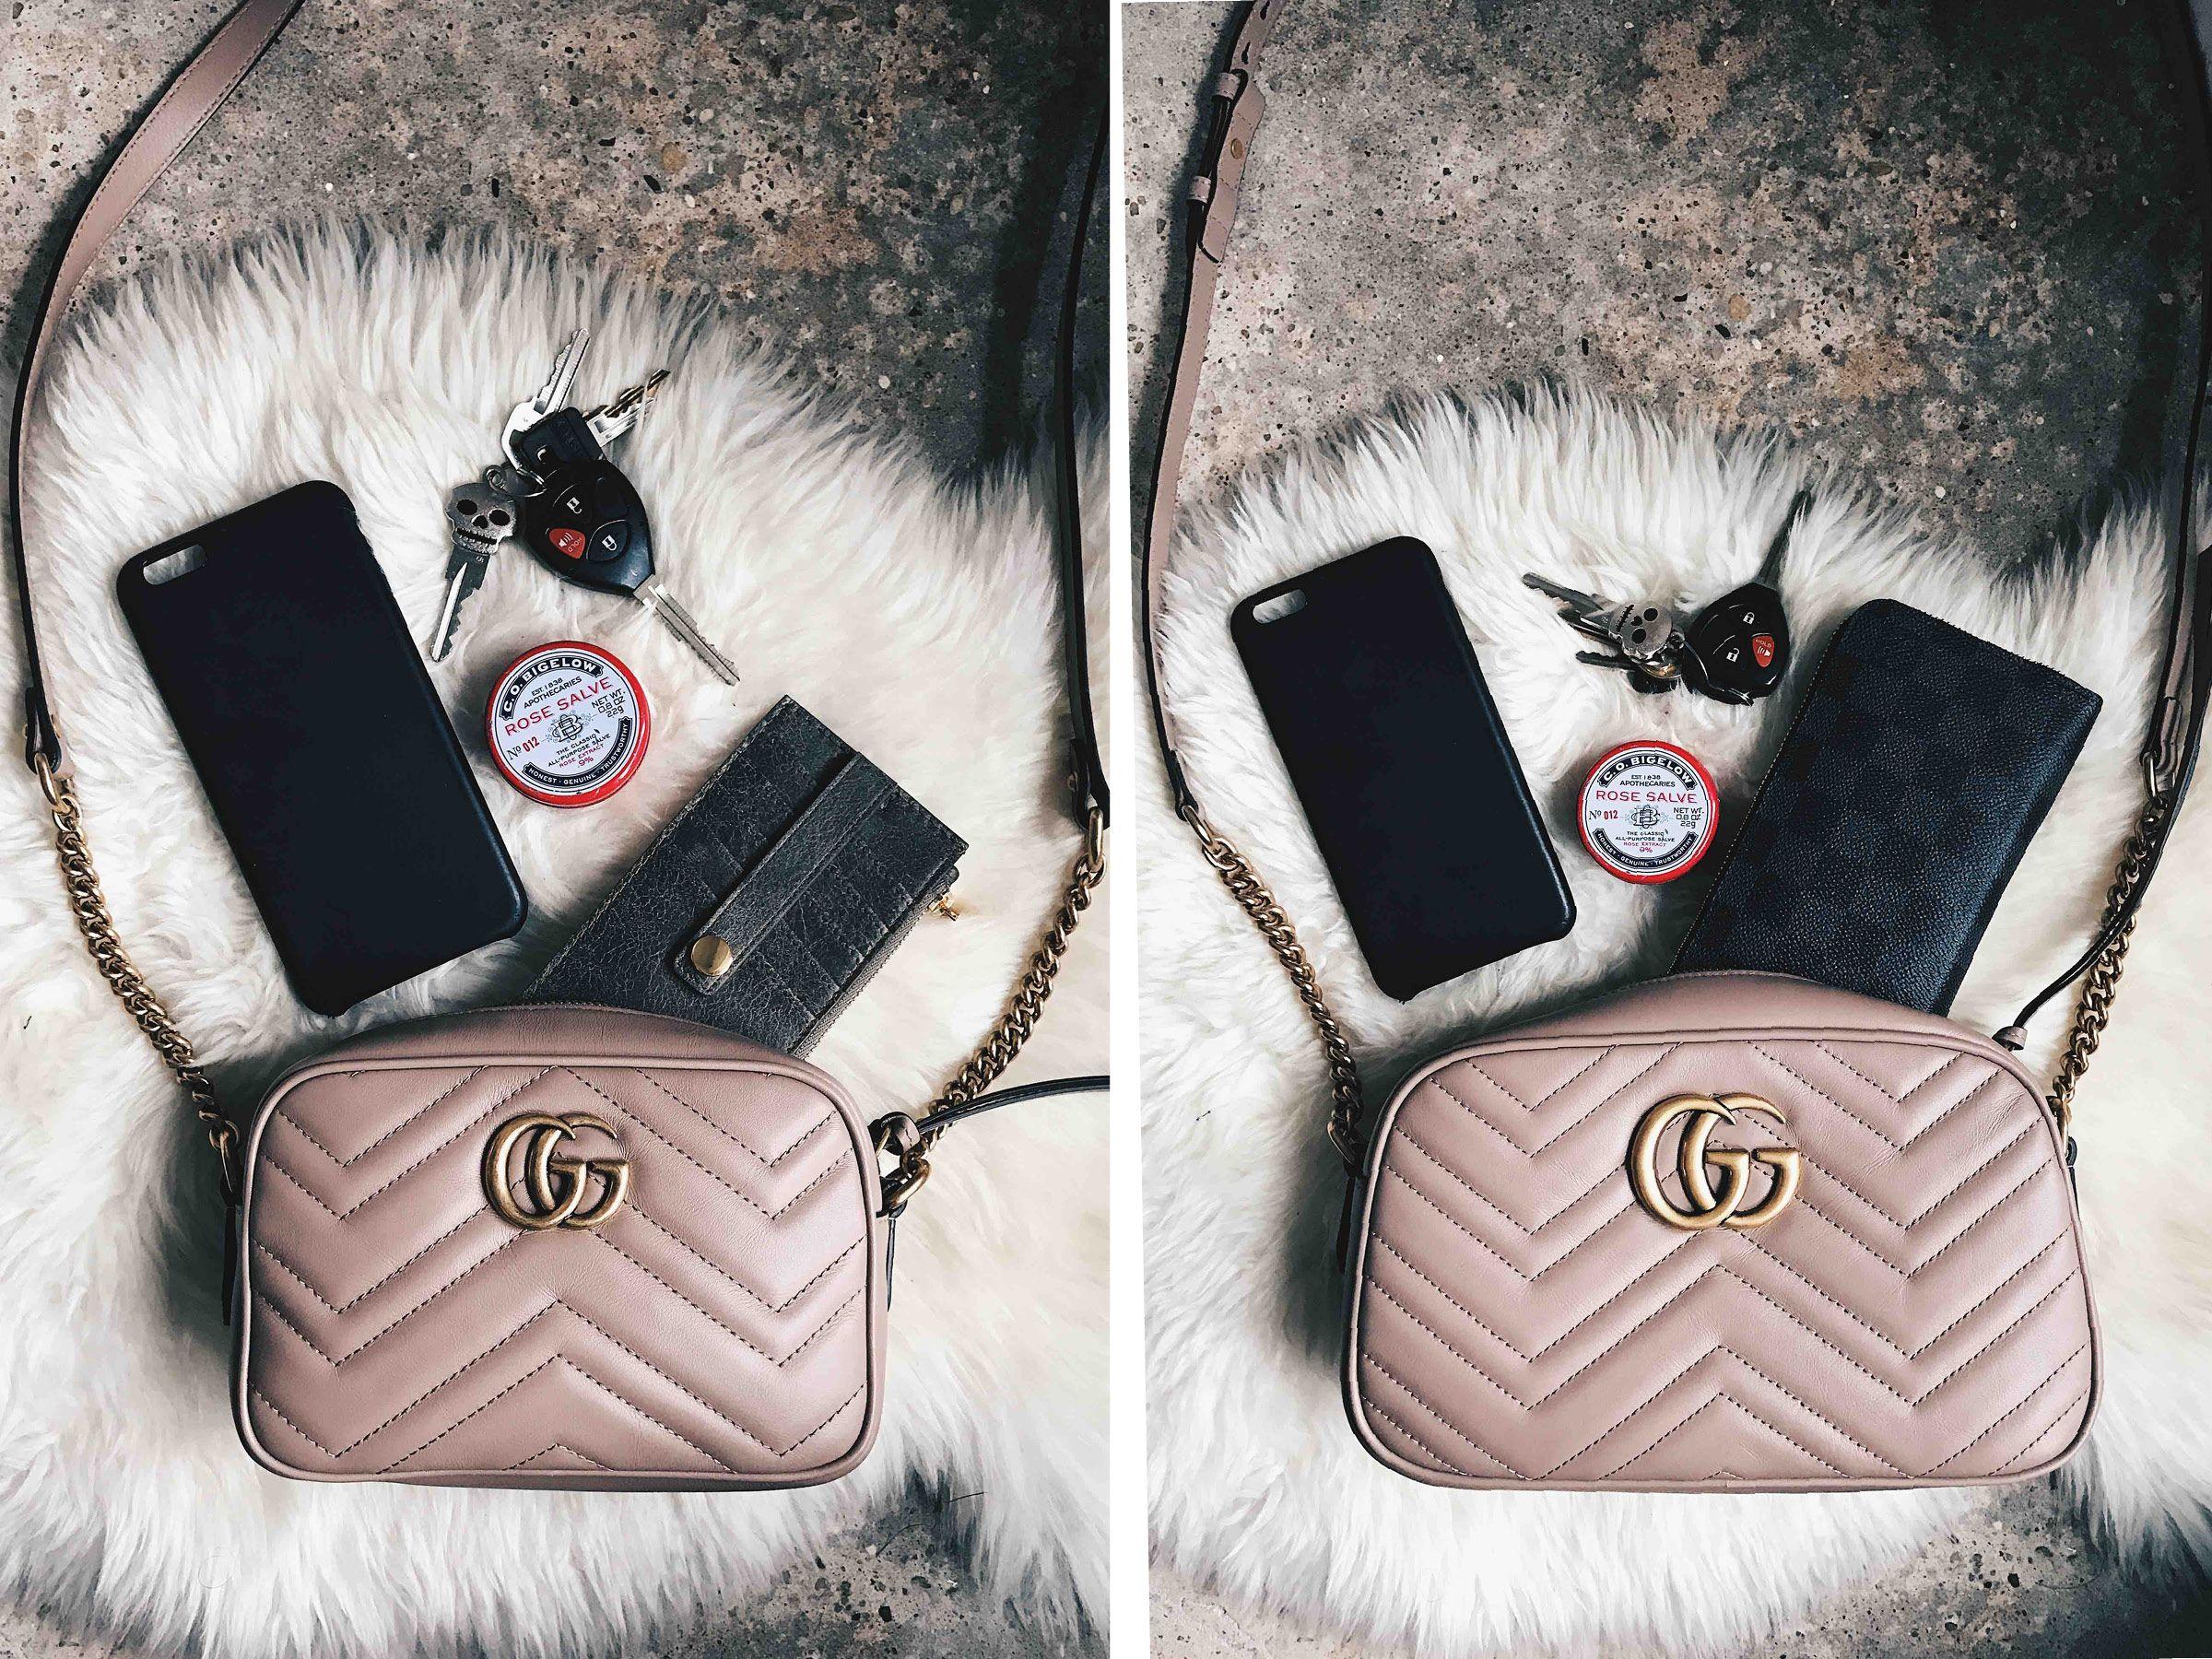 076241e778 Size Comparison of the Gucci Marmont Mini & Small Crossbody | To ...